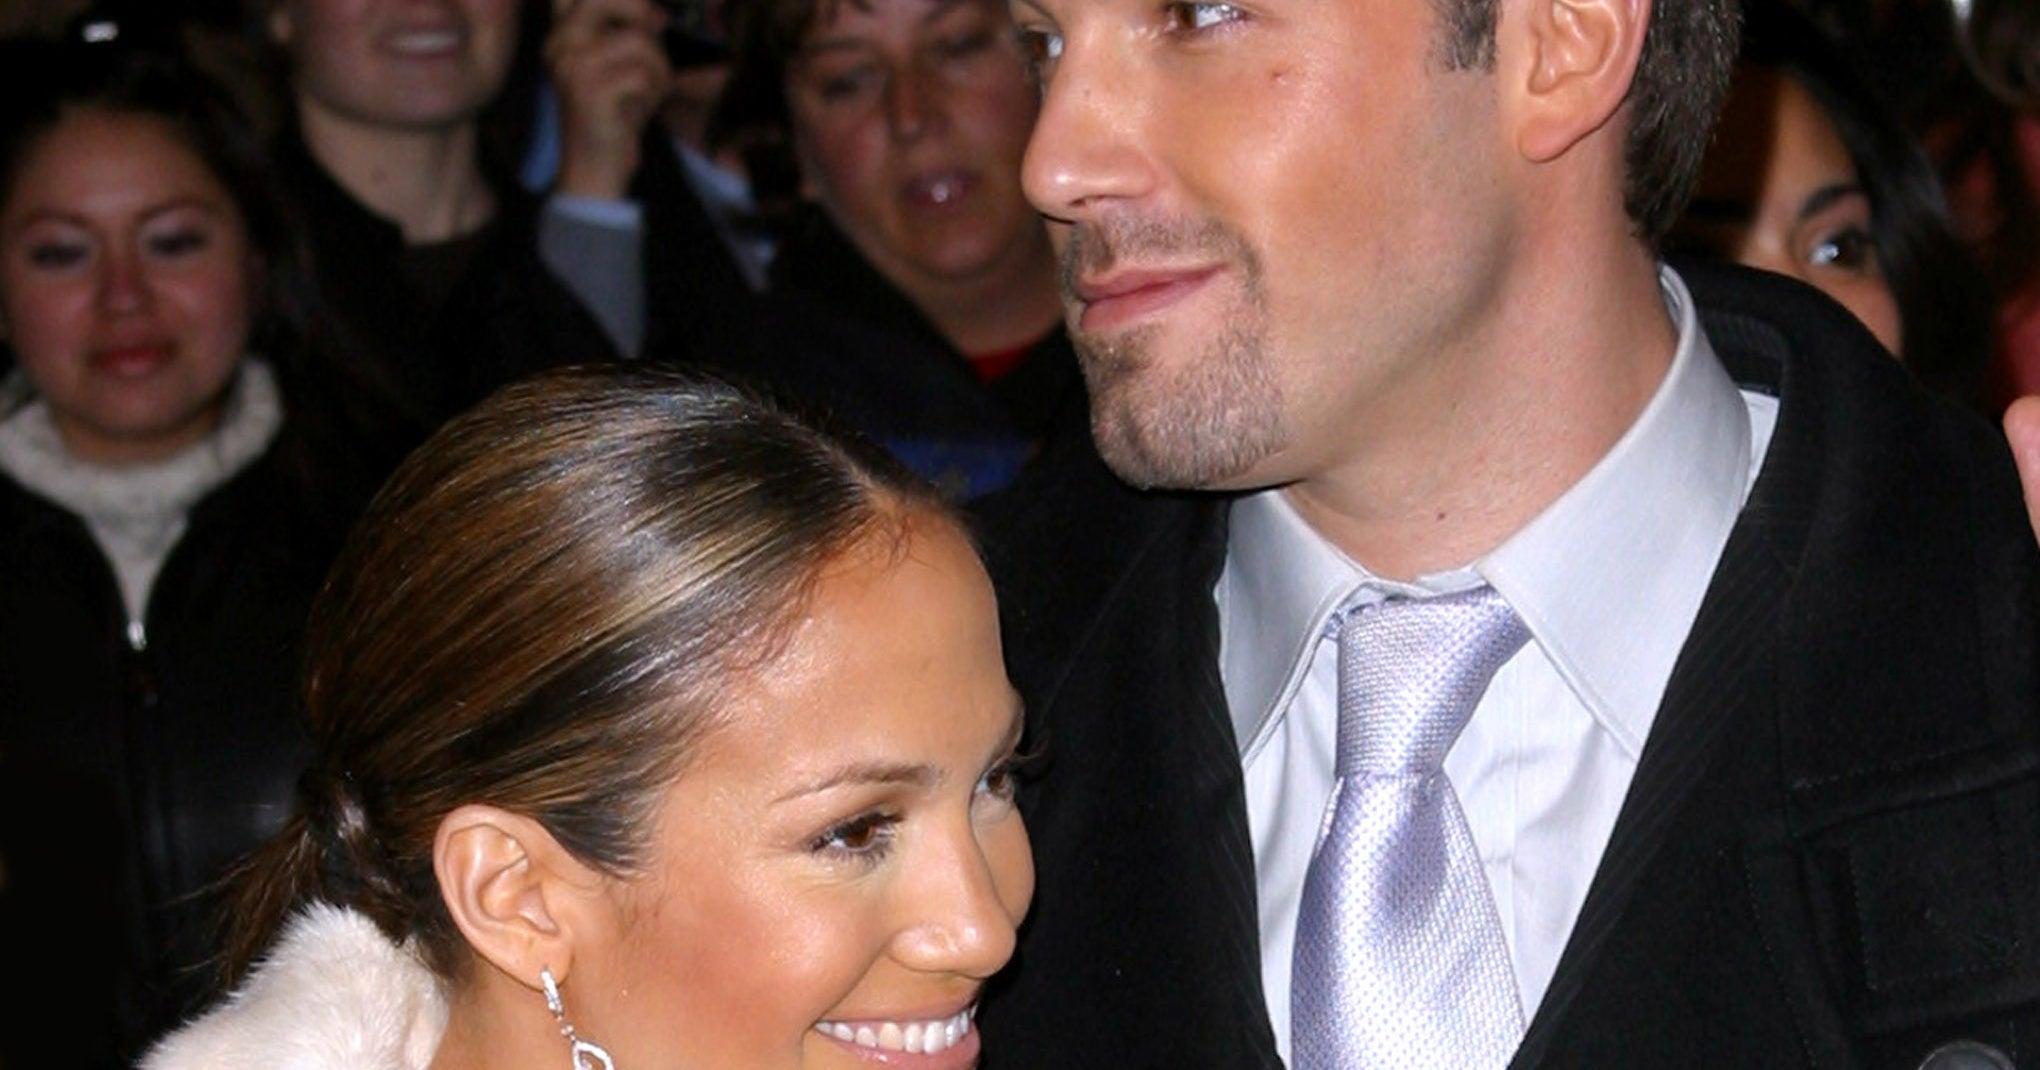 Jennifer Lopez & Ben Affleck Make Out On Instagram For Her Birthday